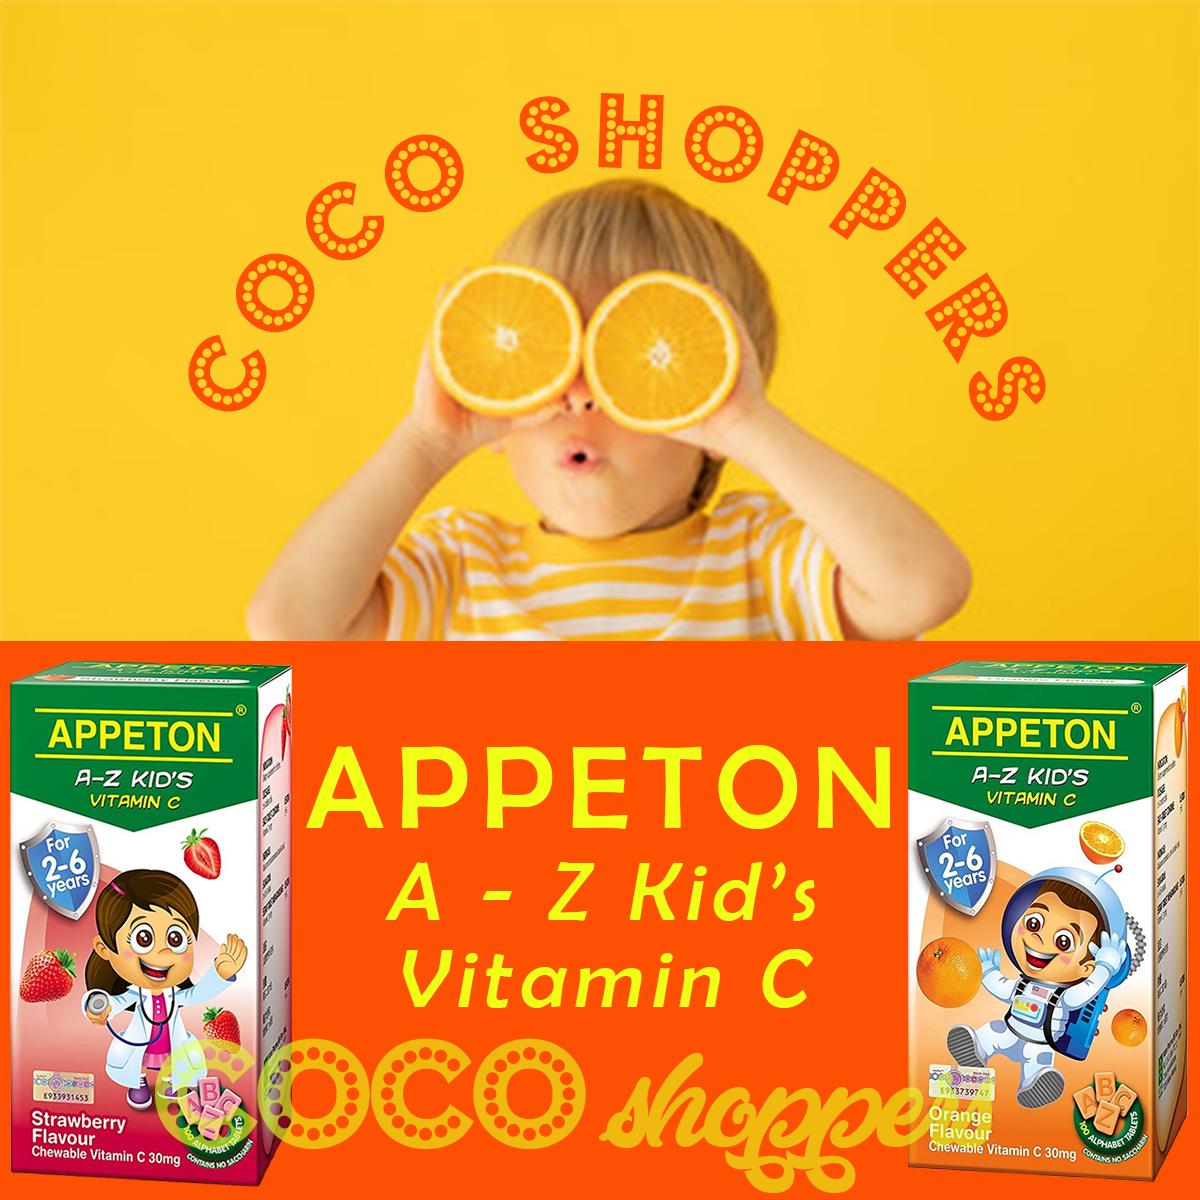 appeton a-z kid's vitamin c anak-anak umur 2-4 tahun produk kesehatan import dari amerika usa untuk reseller dropshipper penjual di tokopedia tokped shopee bukalapak lazada